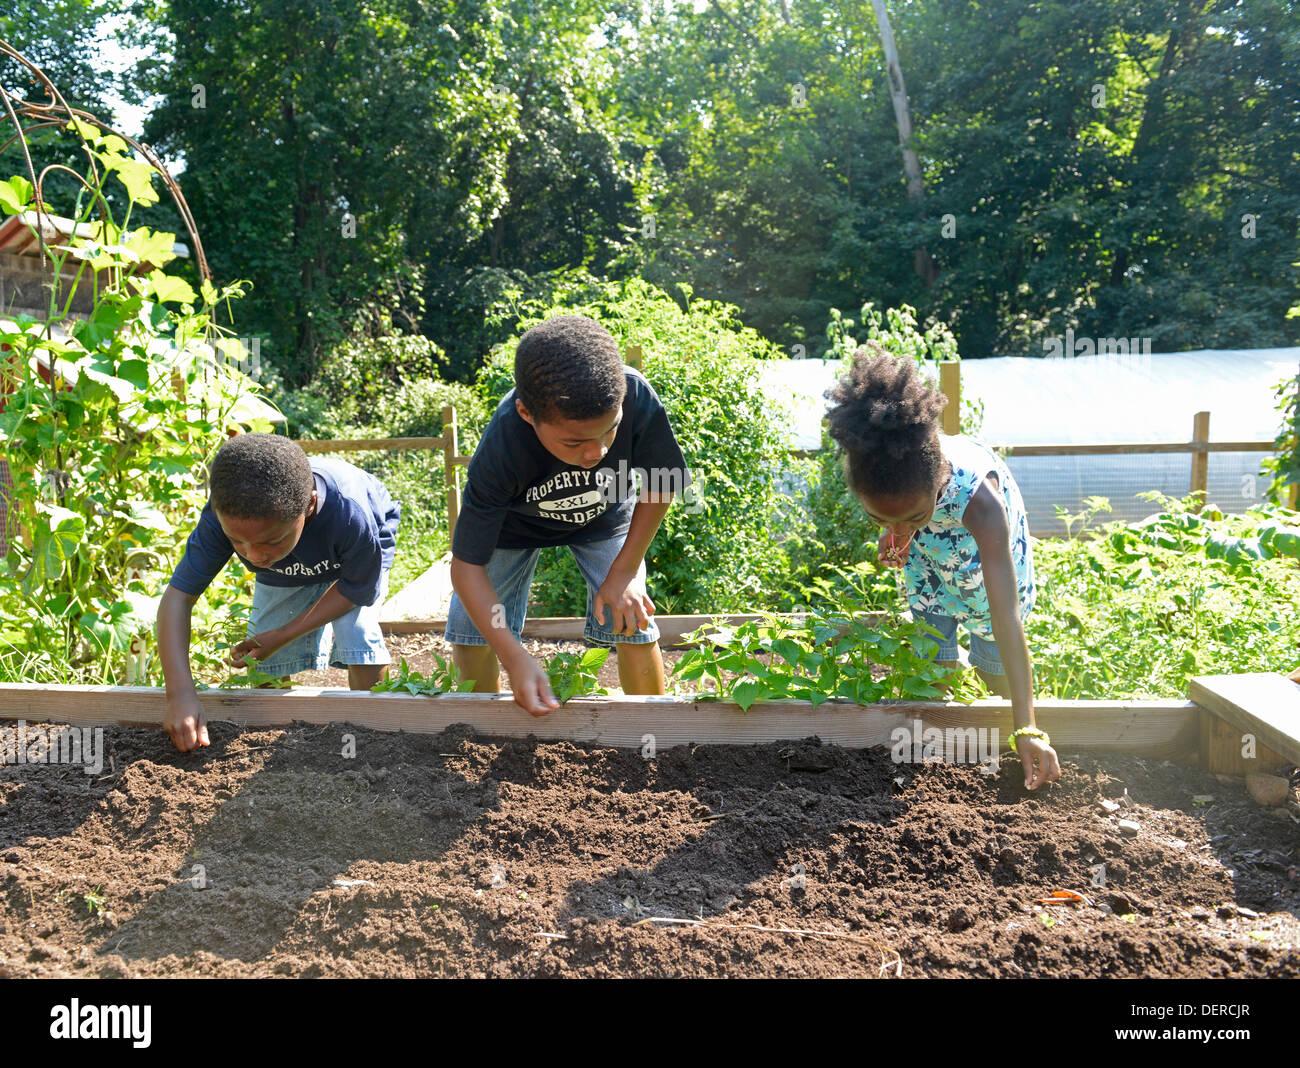 Bambini neri da New Haven pratica piantare lattuga a un terreno comune di alta scuola, una carta ambientale scuola. Immagini Stock